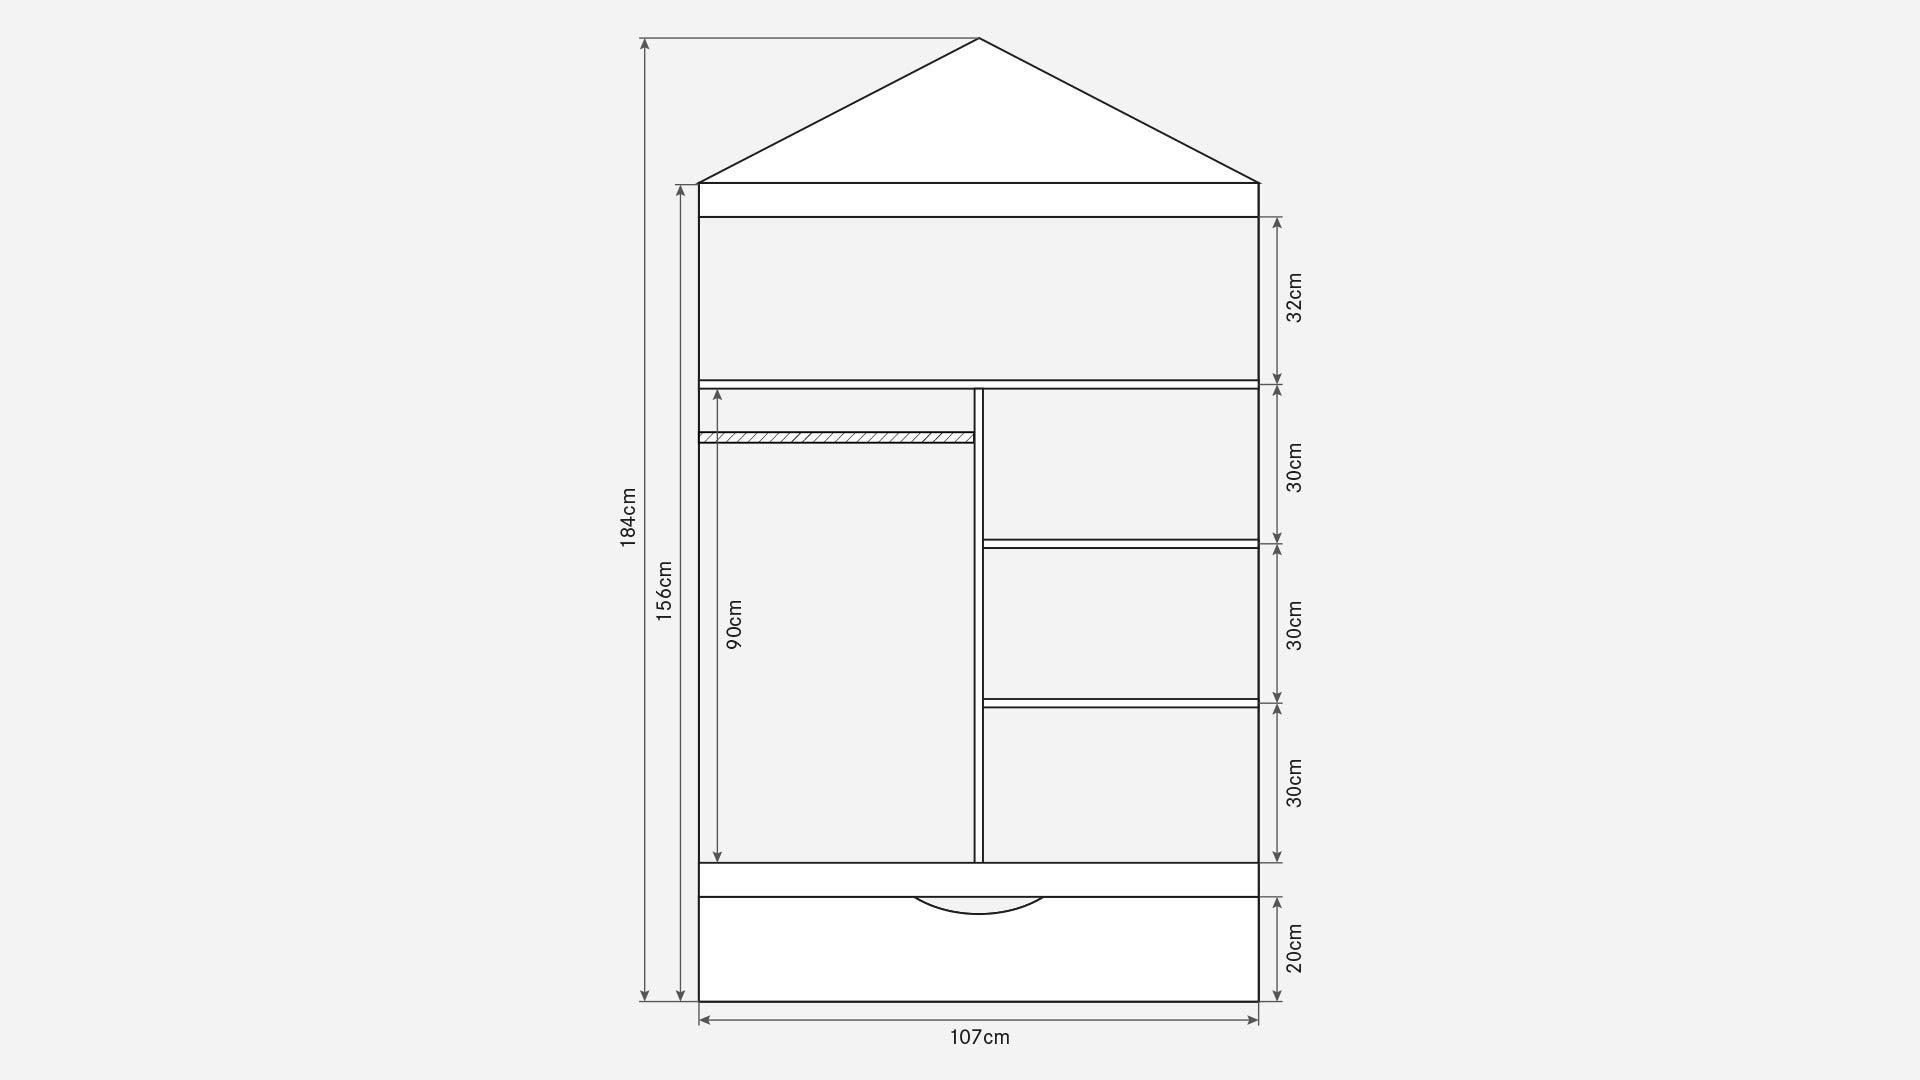 erfreut kinderzimmer schrank sunny galerie die besten. Black Bedroom Furniture Sets. Home Design Ideas